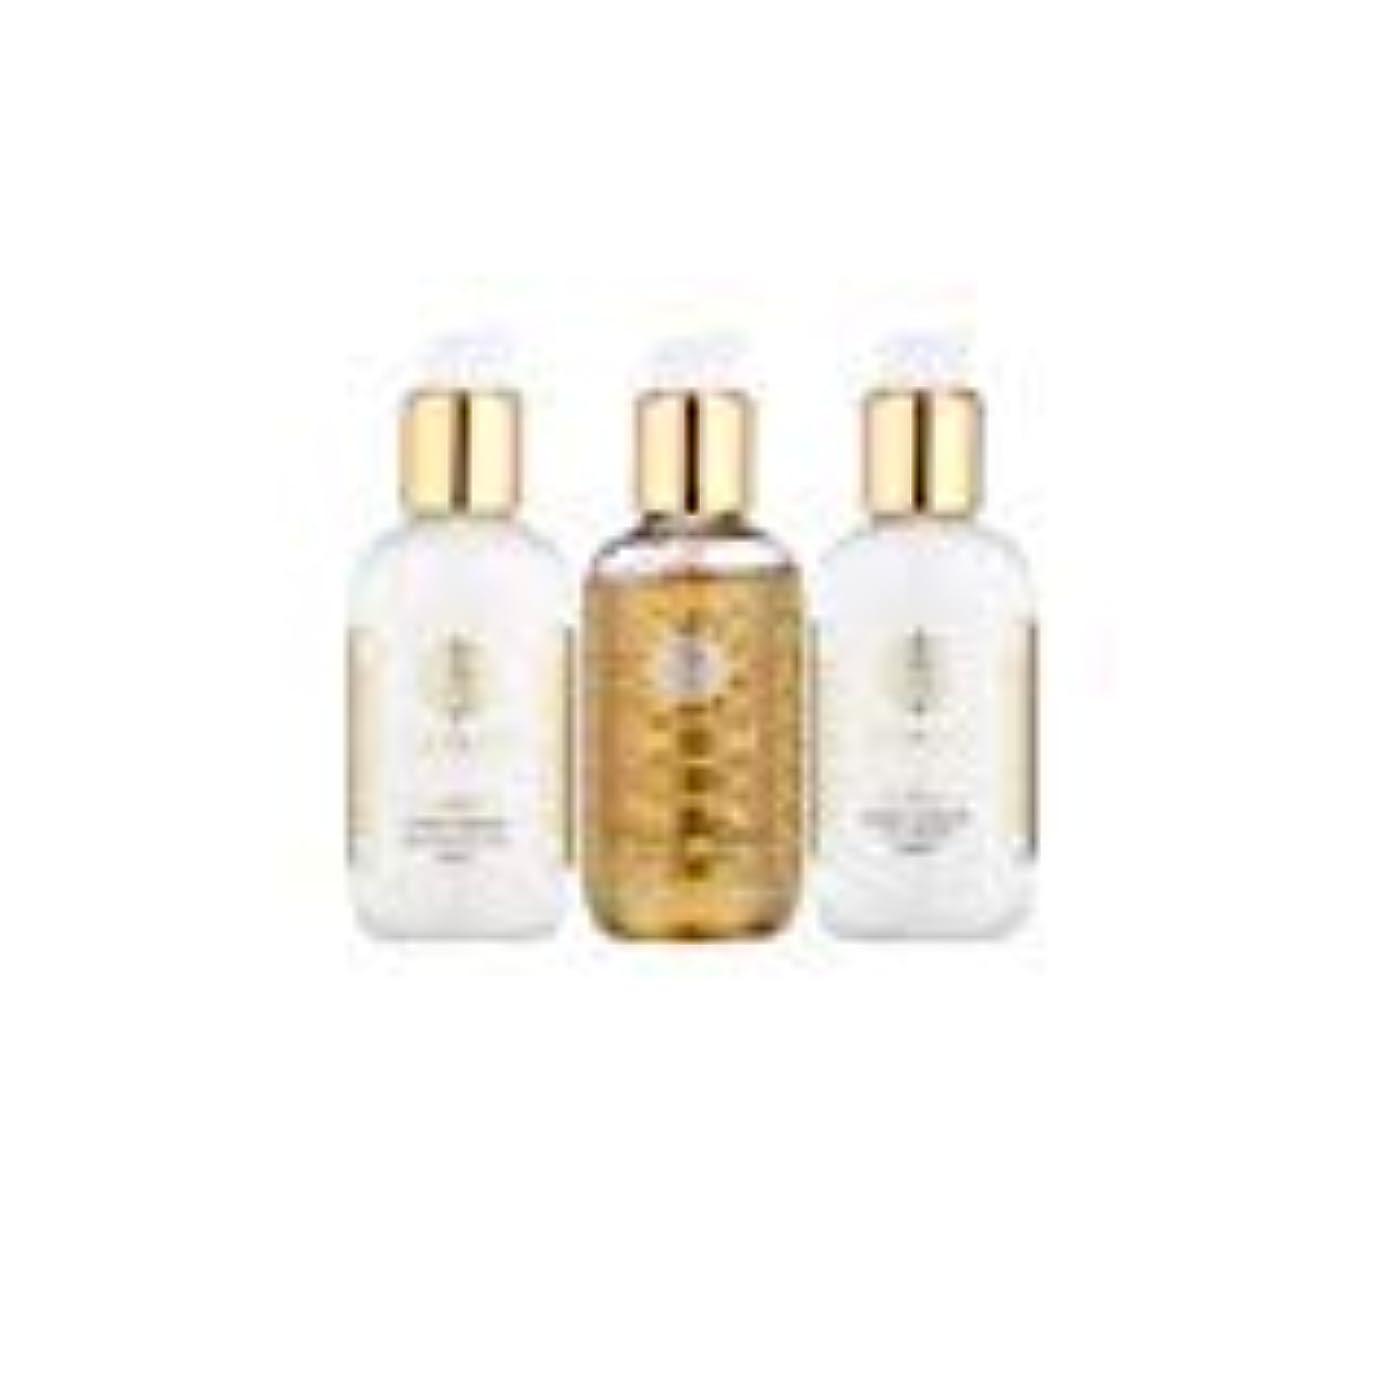 送金書店ささやきアムアージュ名誉ギフトボックス女性+ 3アムアージュ香水サンプラーバイアル - 無料